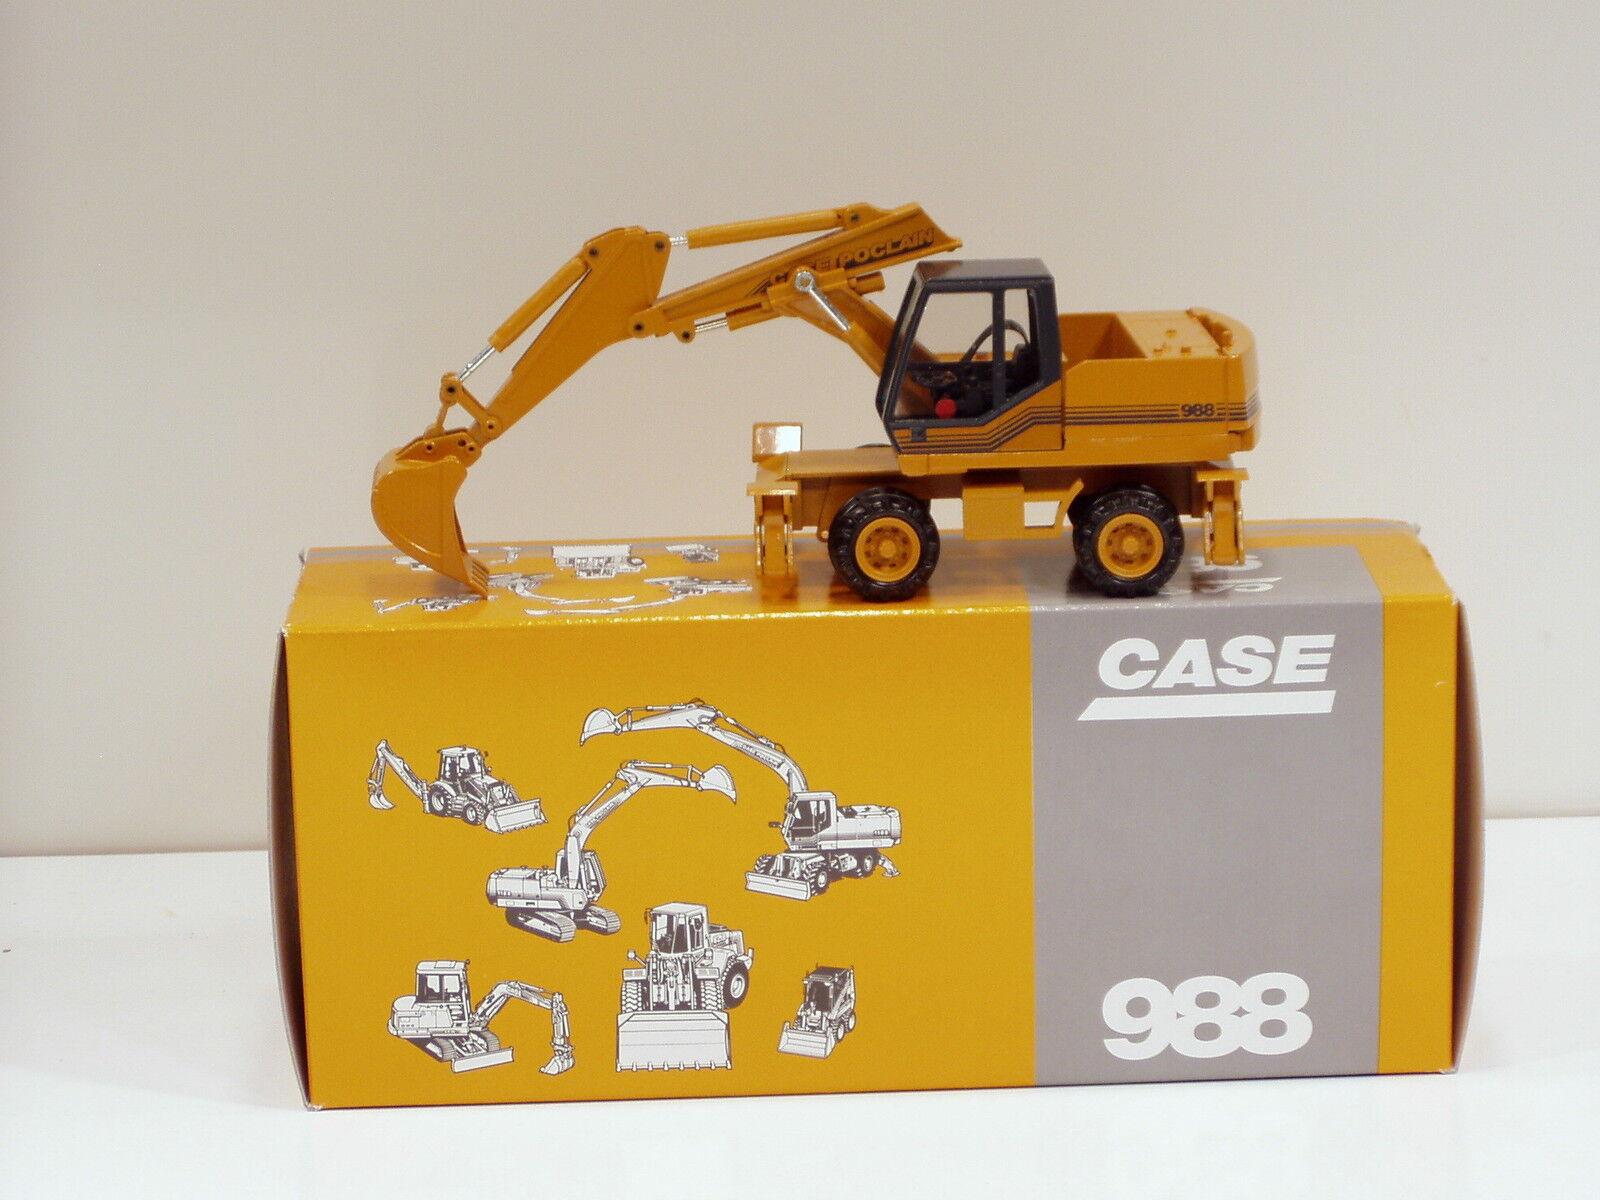 cómodo Funda poclain 988 988 988 Wheel Excavadora - 1 50-Conrad   2899-Mib  compras en linea